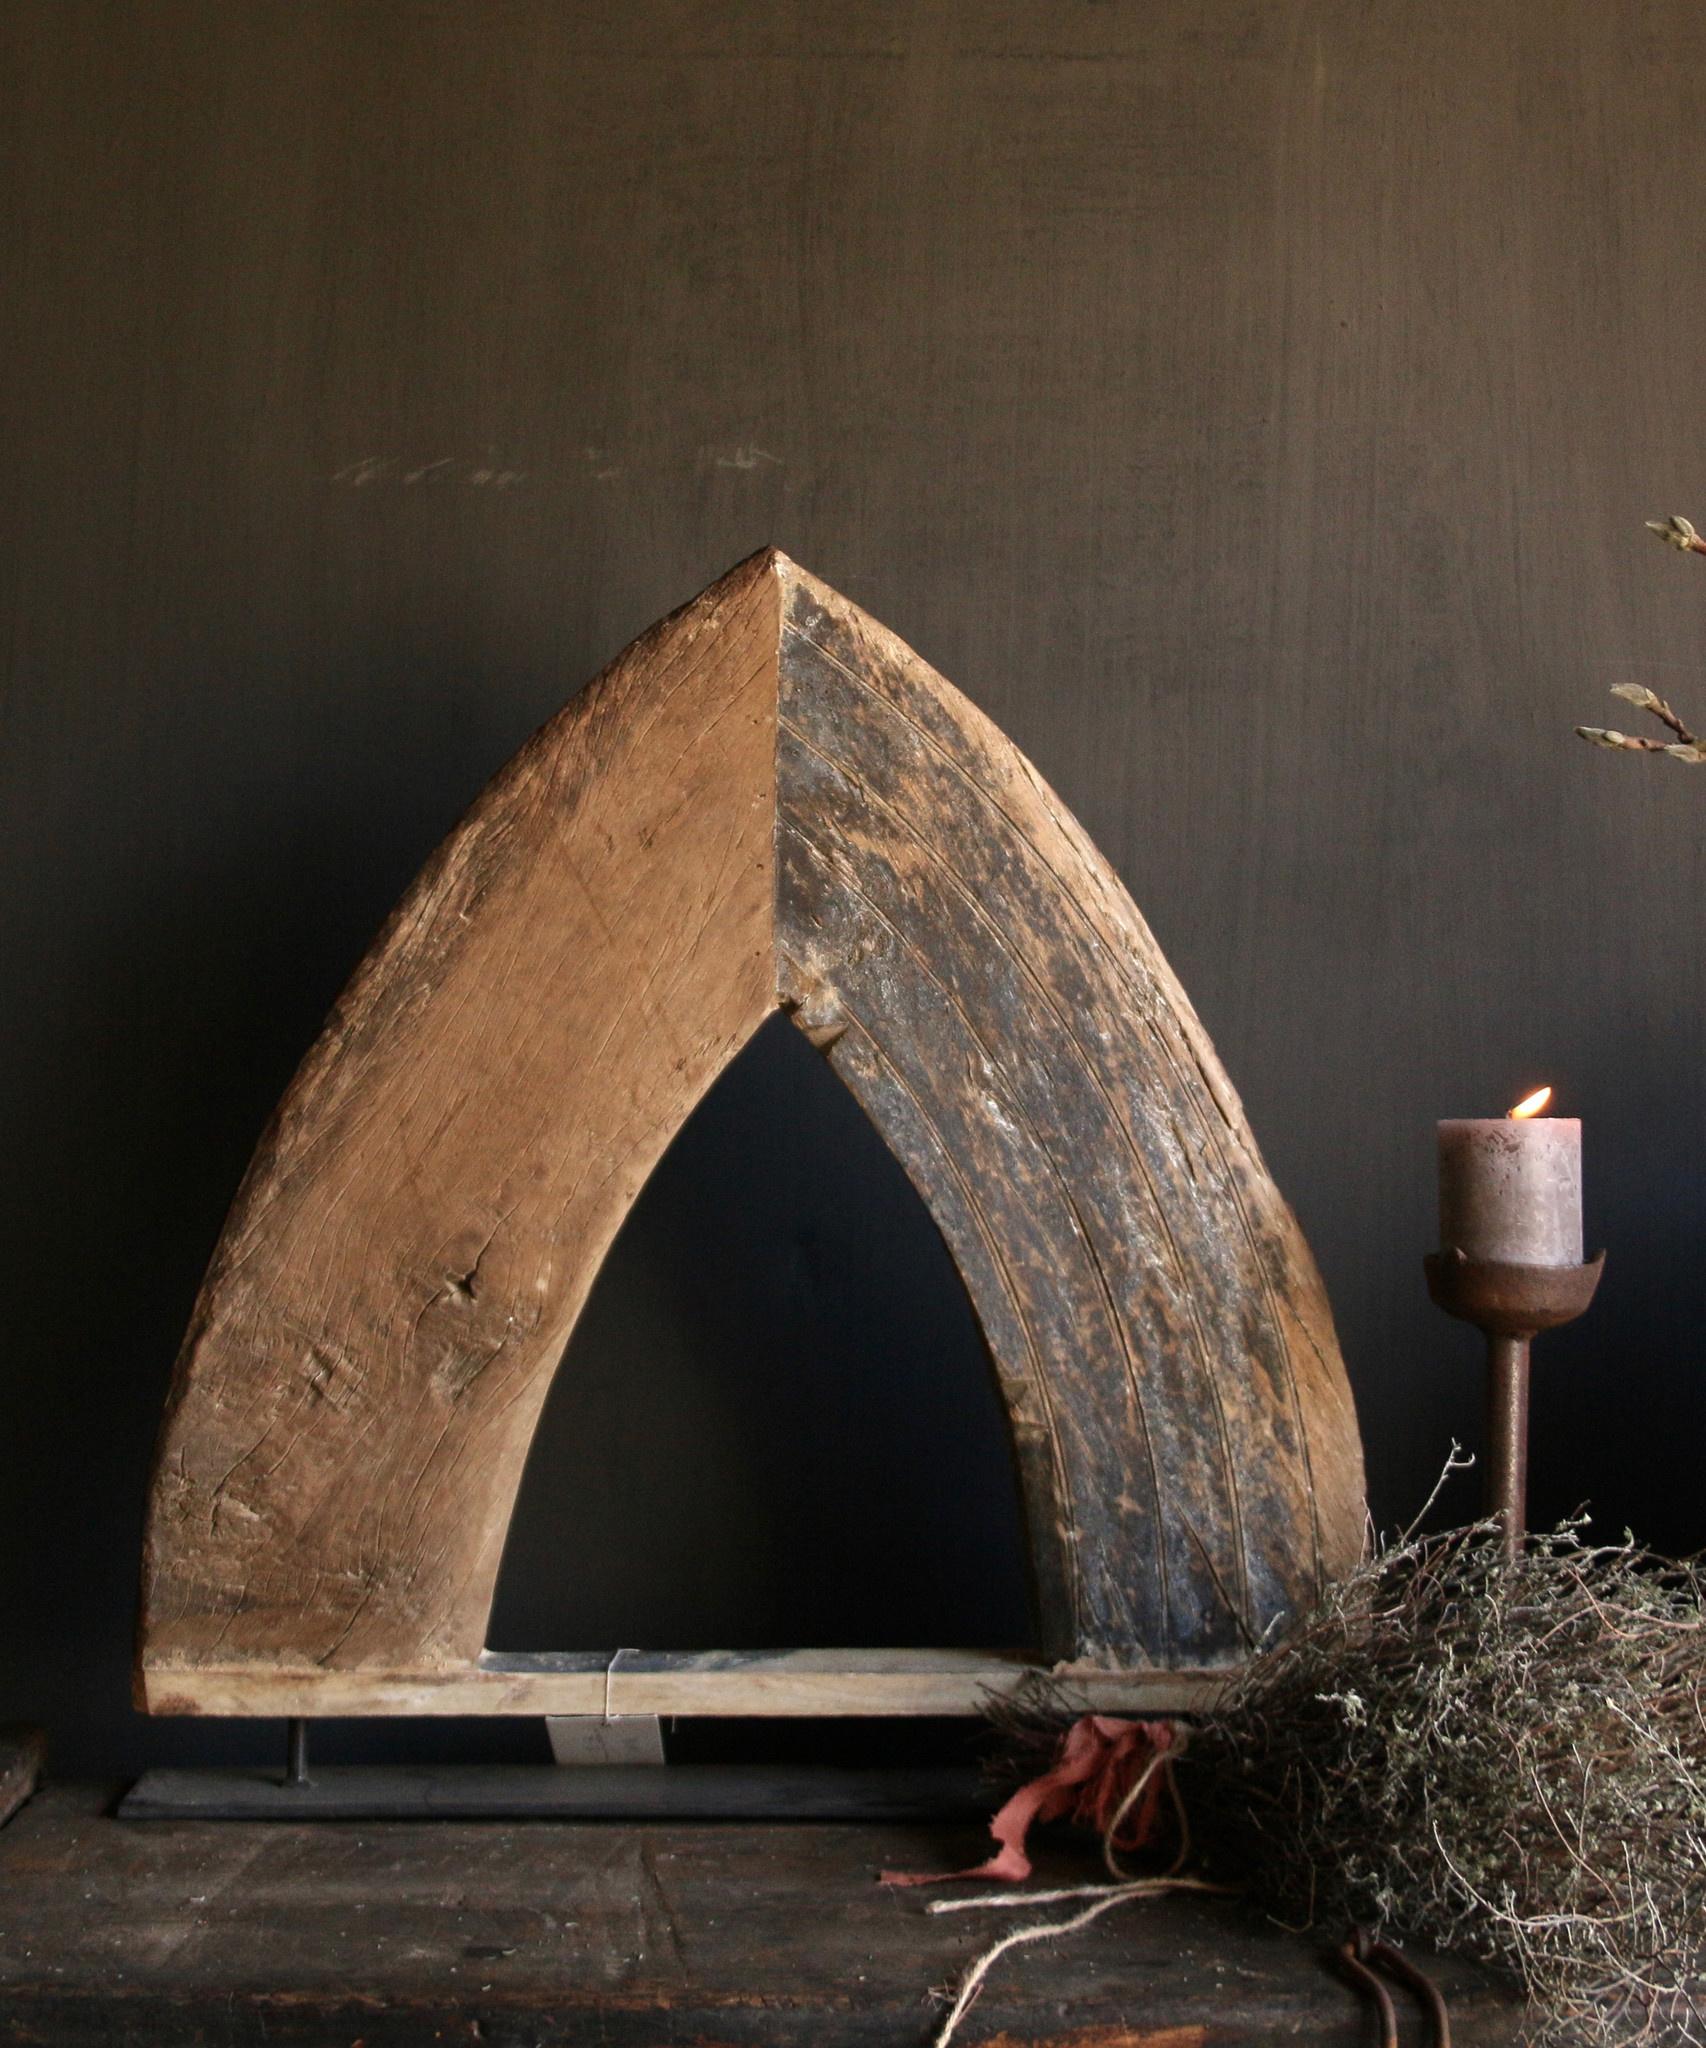 Stoer houten  raam kozijn in de vorm van een driehoek-2